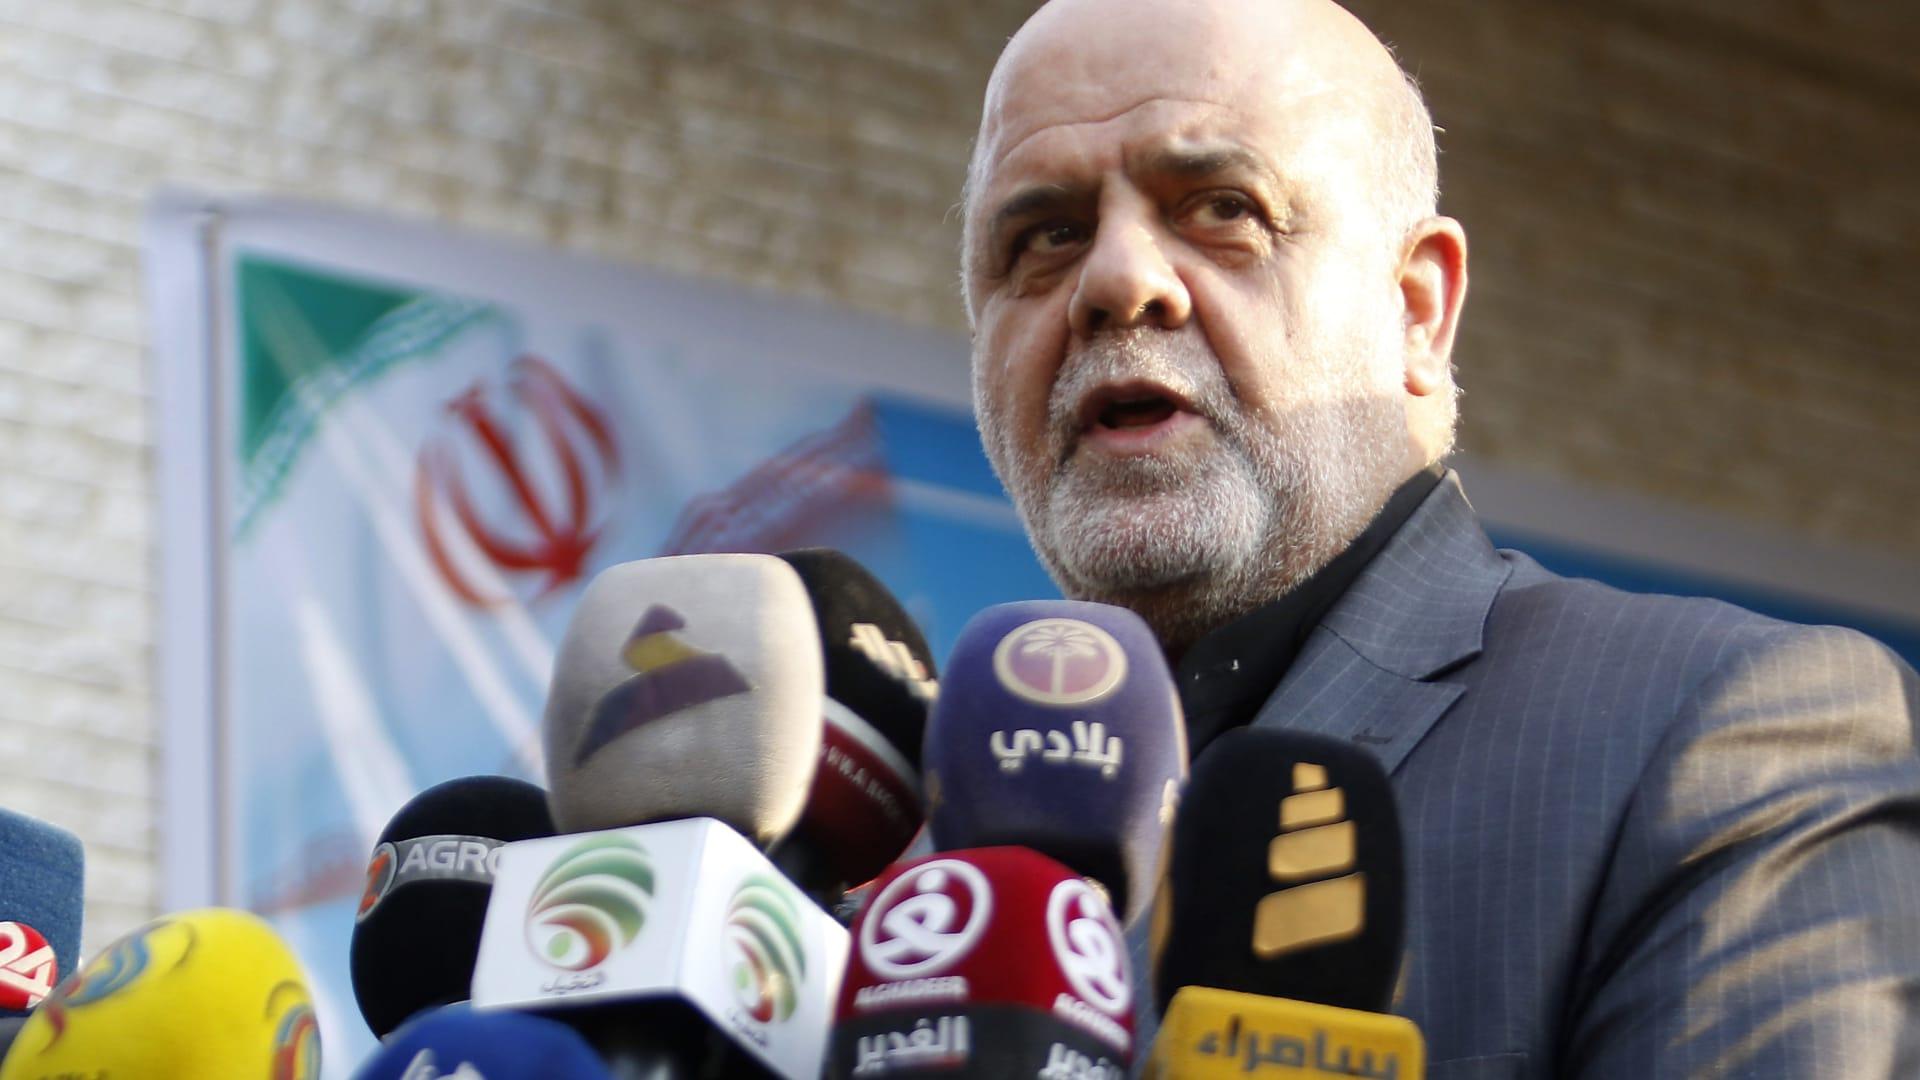 ترامب: السعودية يجب أن تدفع وإيران كانت ستسيطر على المنطقة